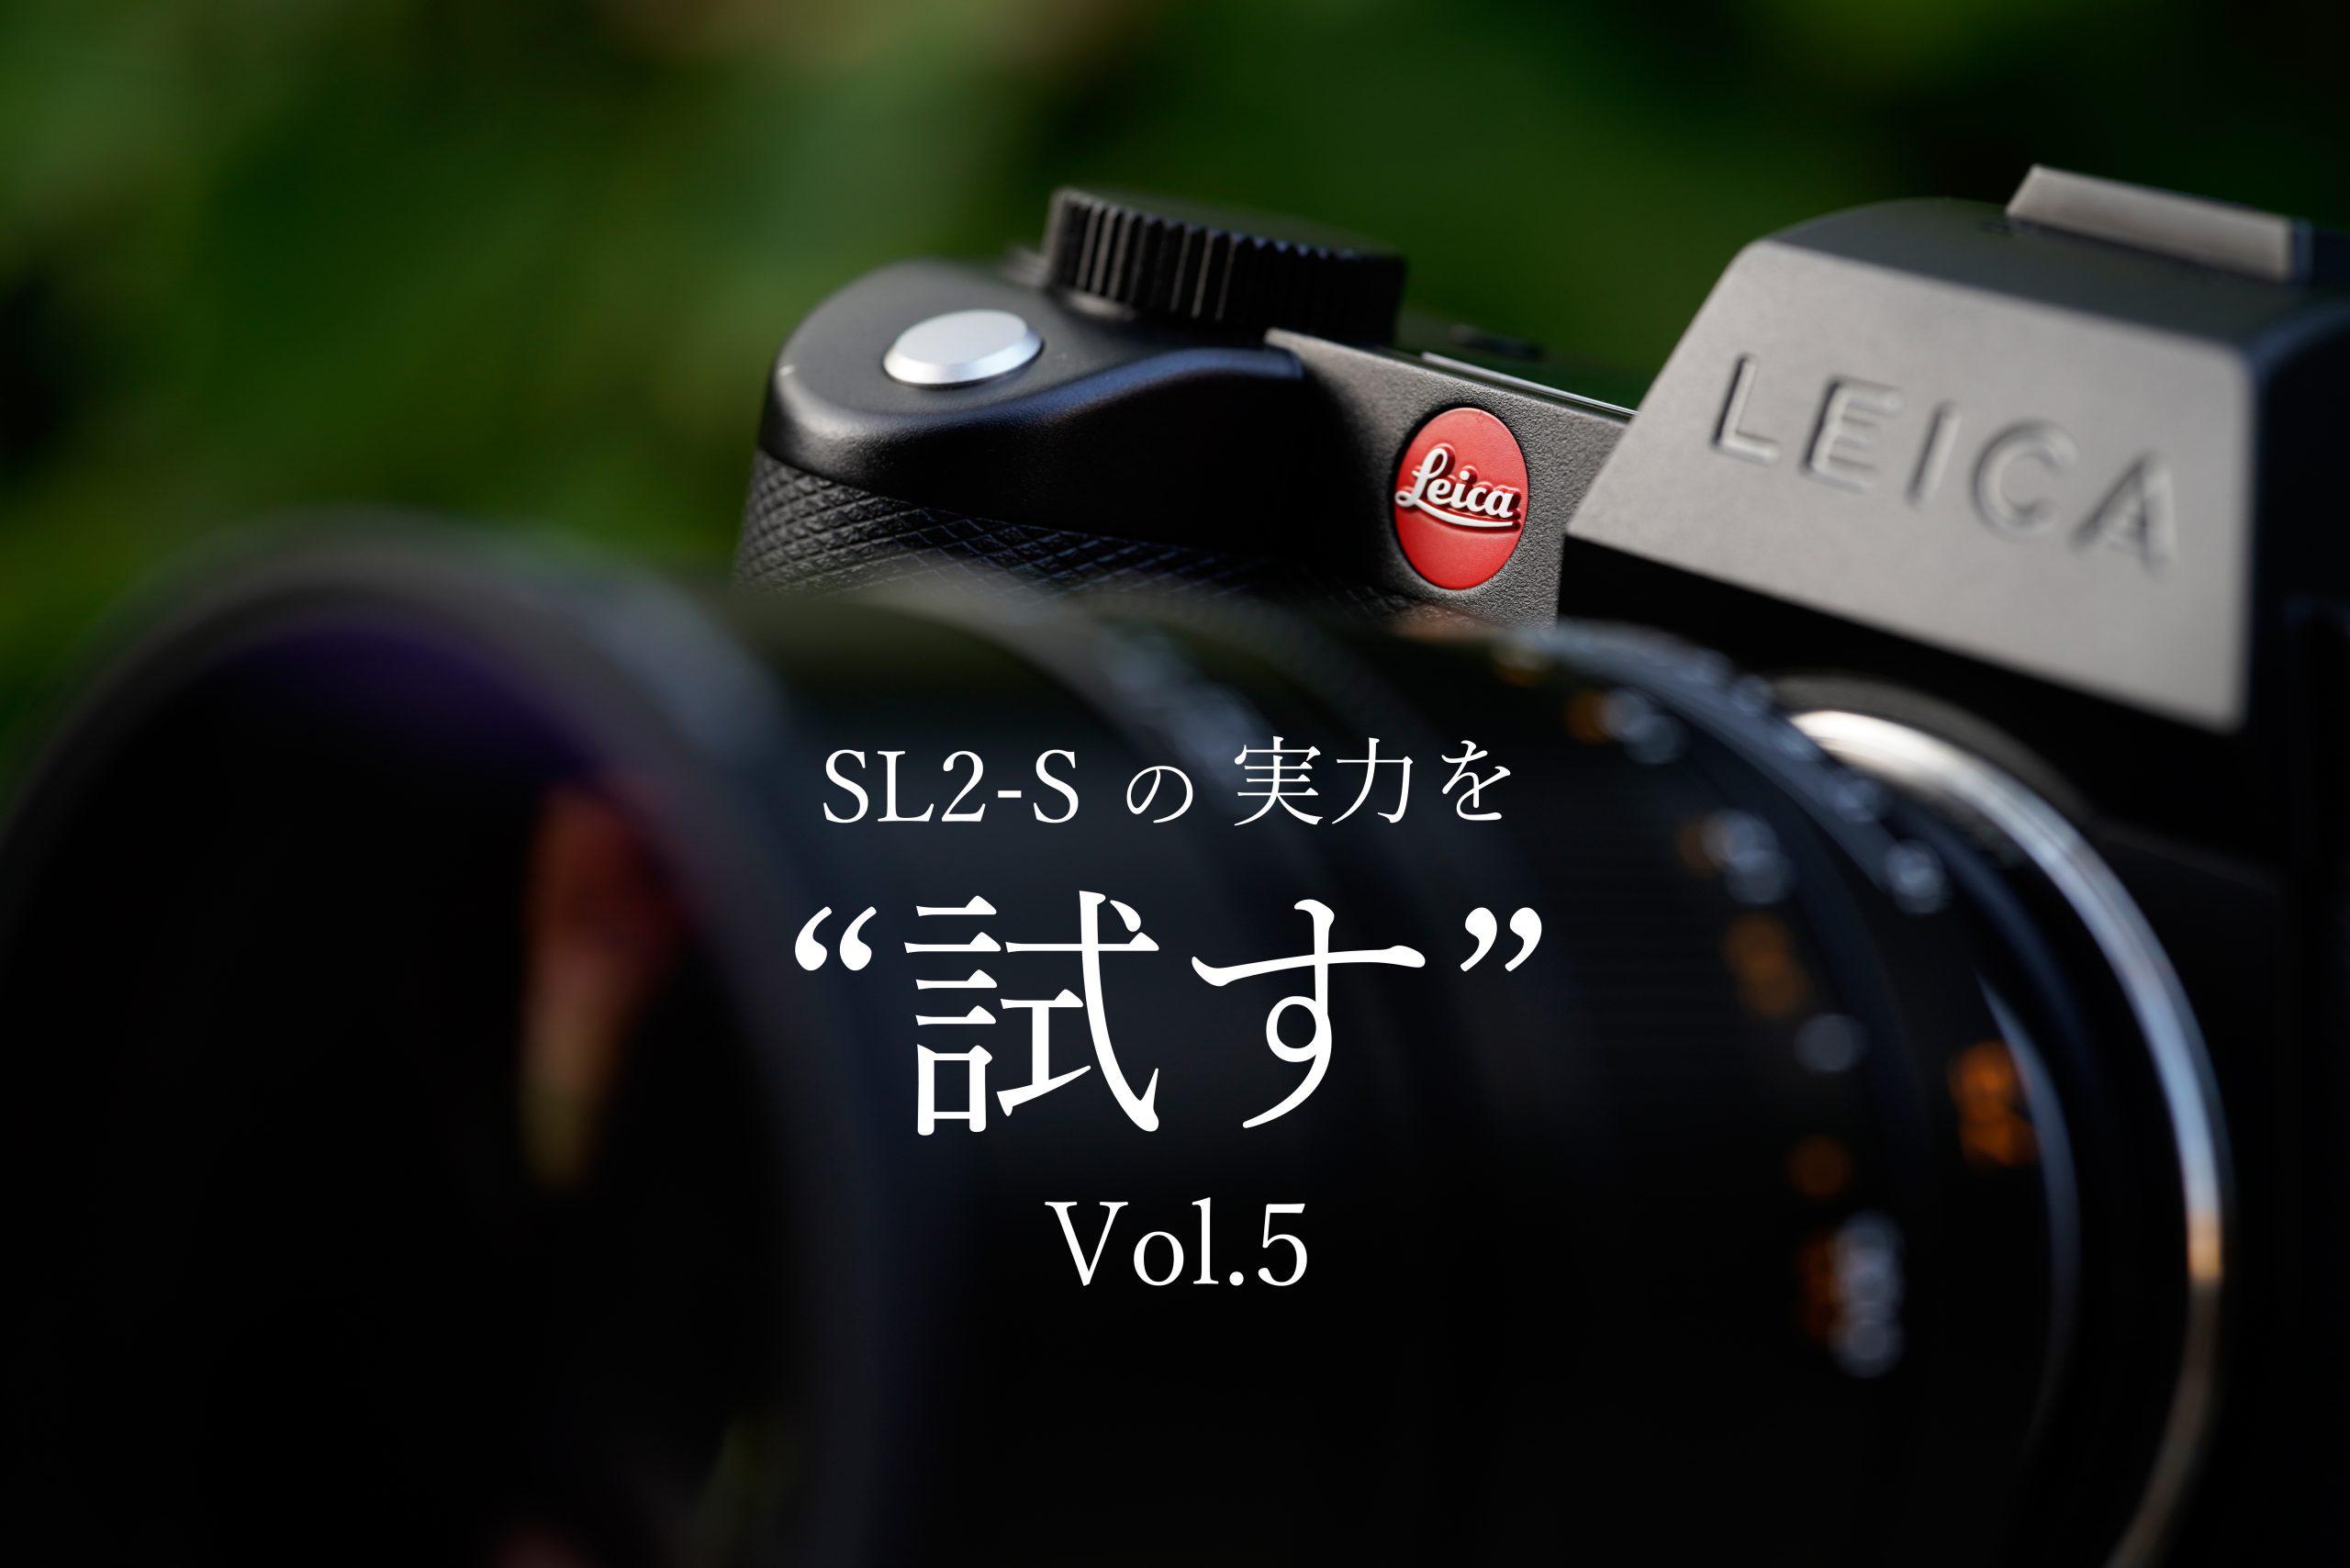 【Leica】M series レンズの神髄を最大限まで引き出してみる